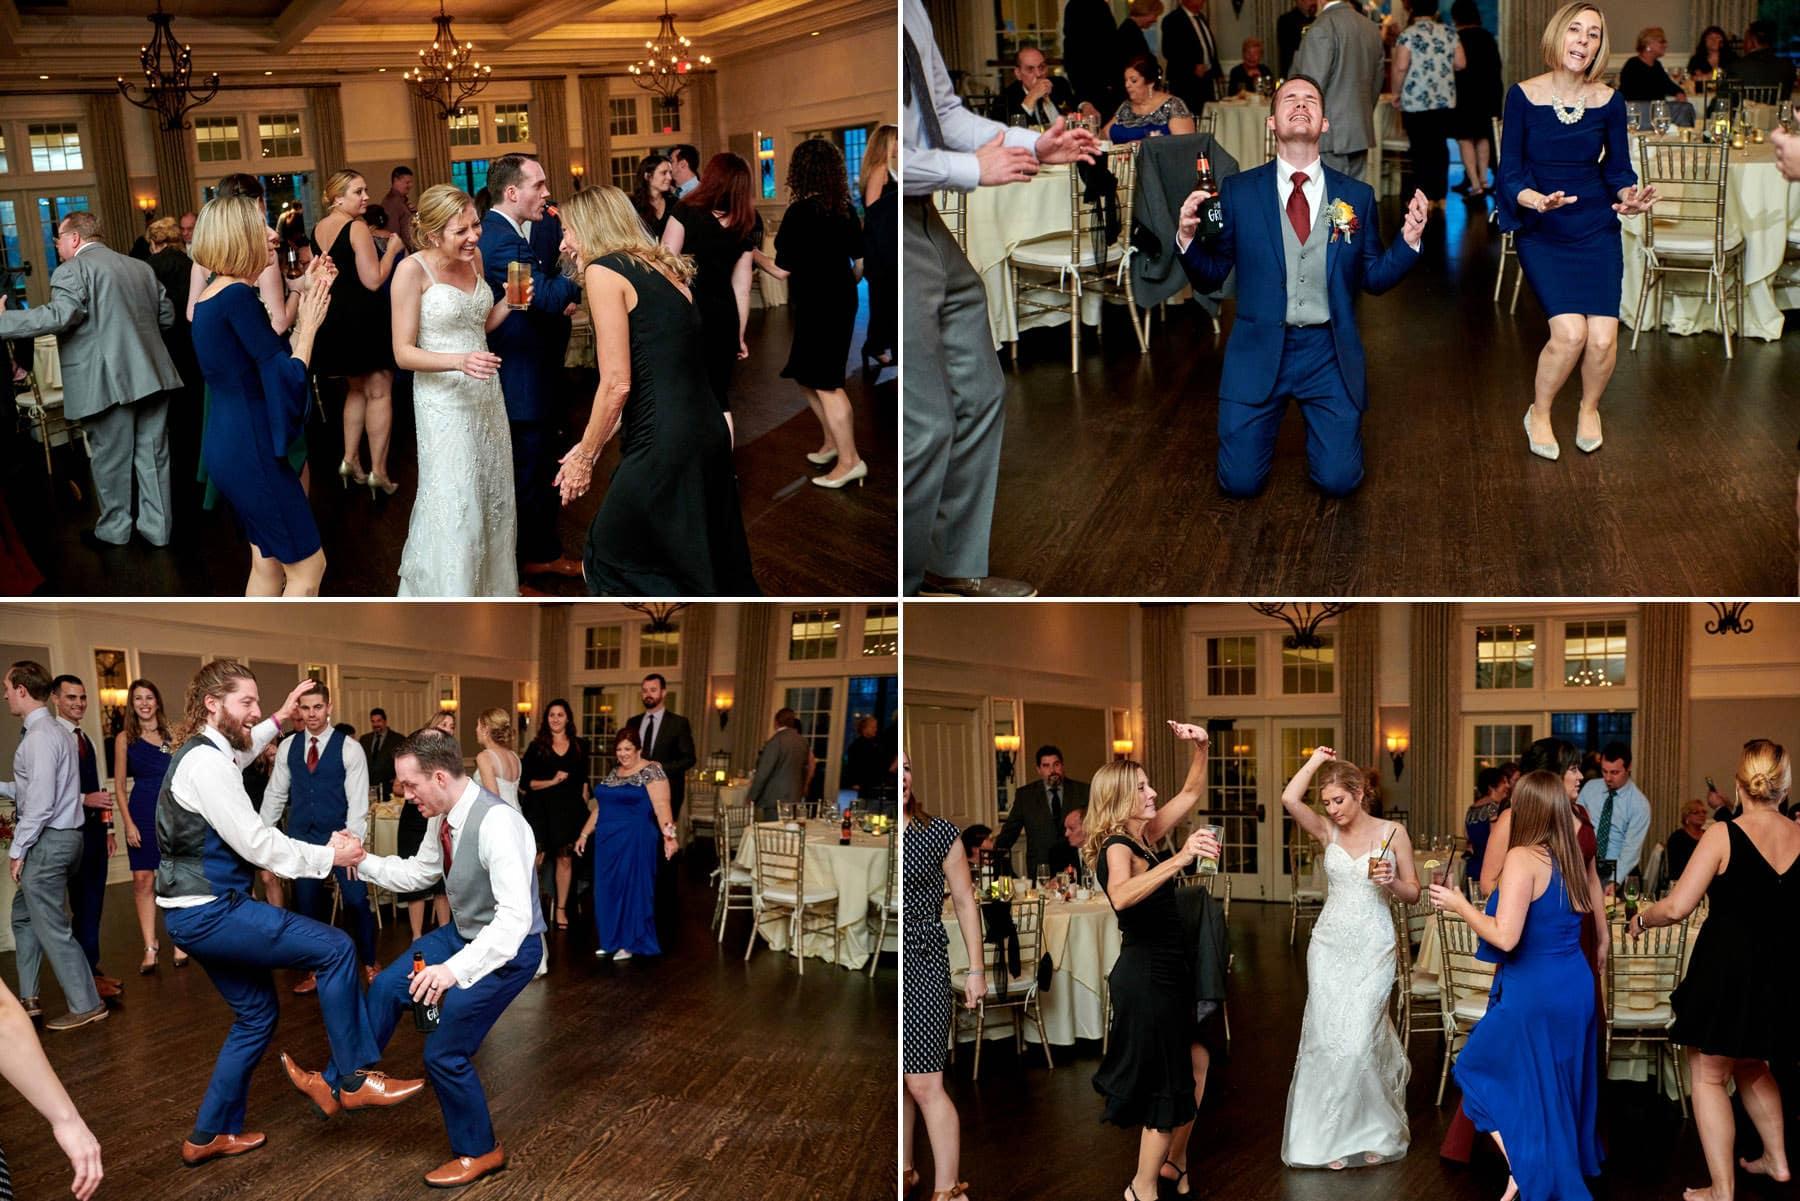 wedding dancing photos at French Creek Golf Club